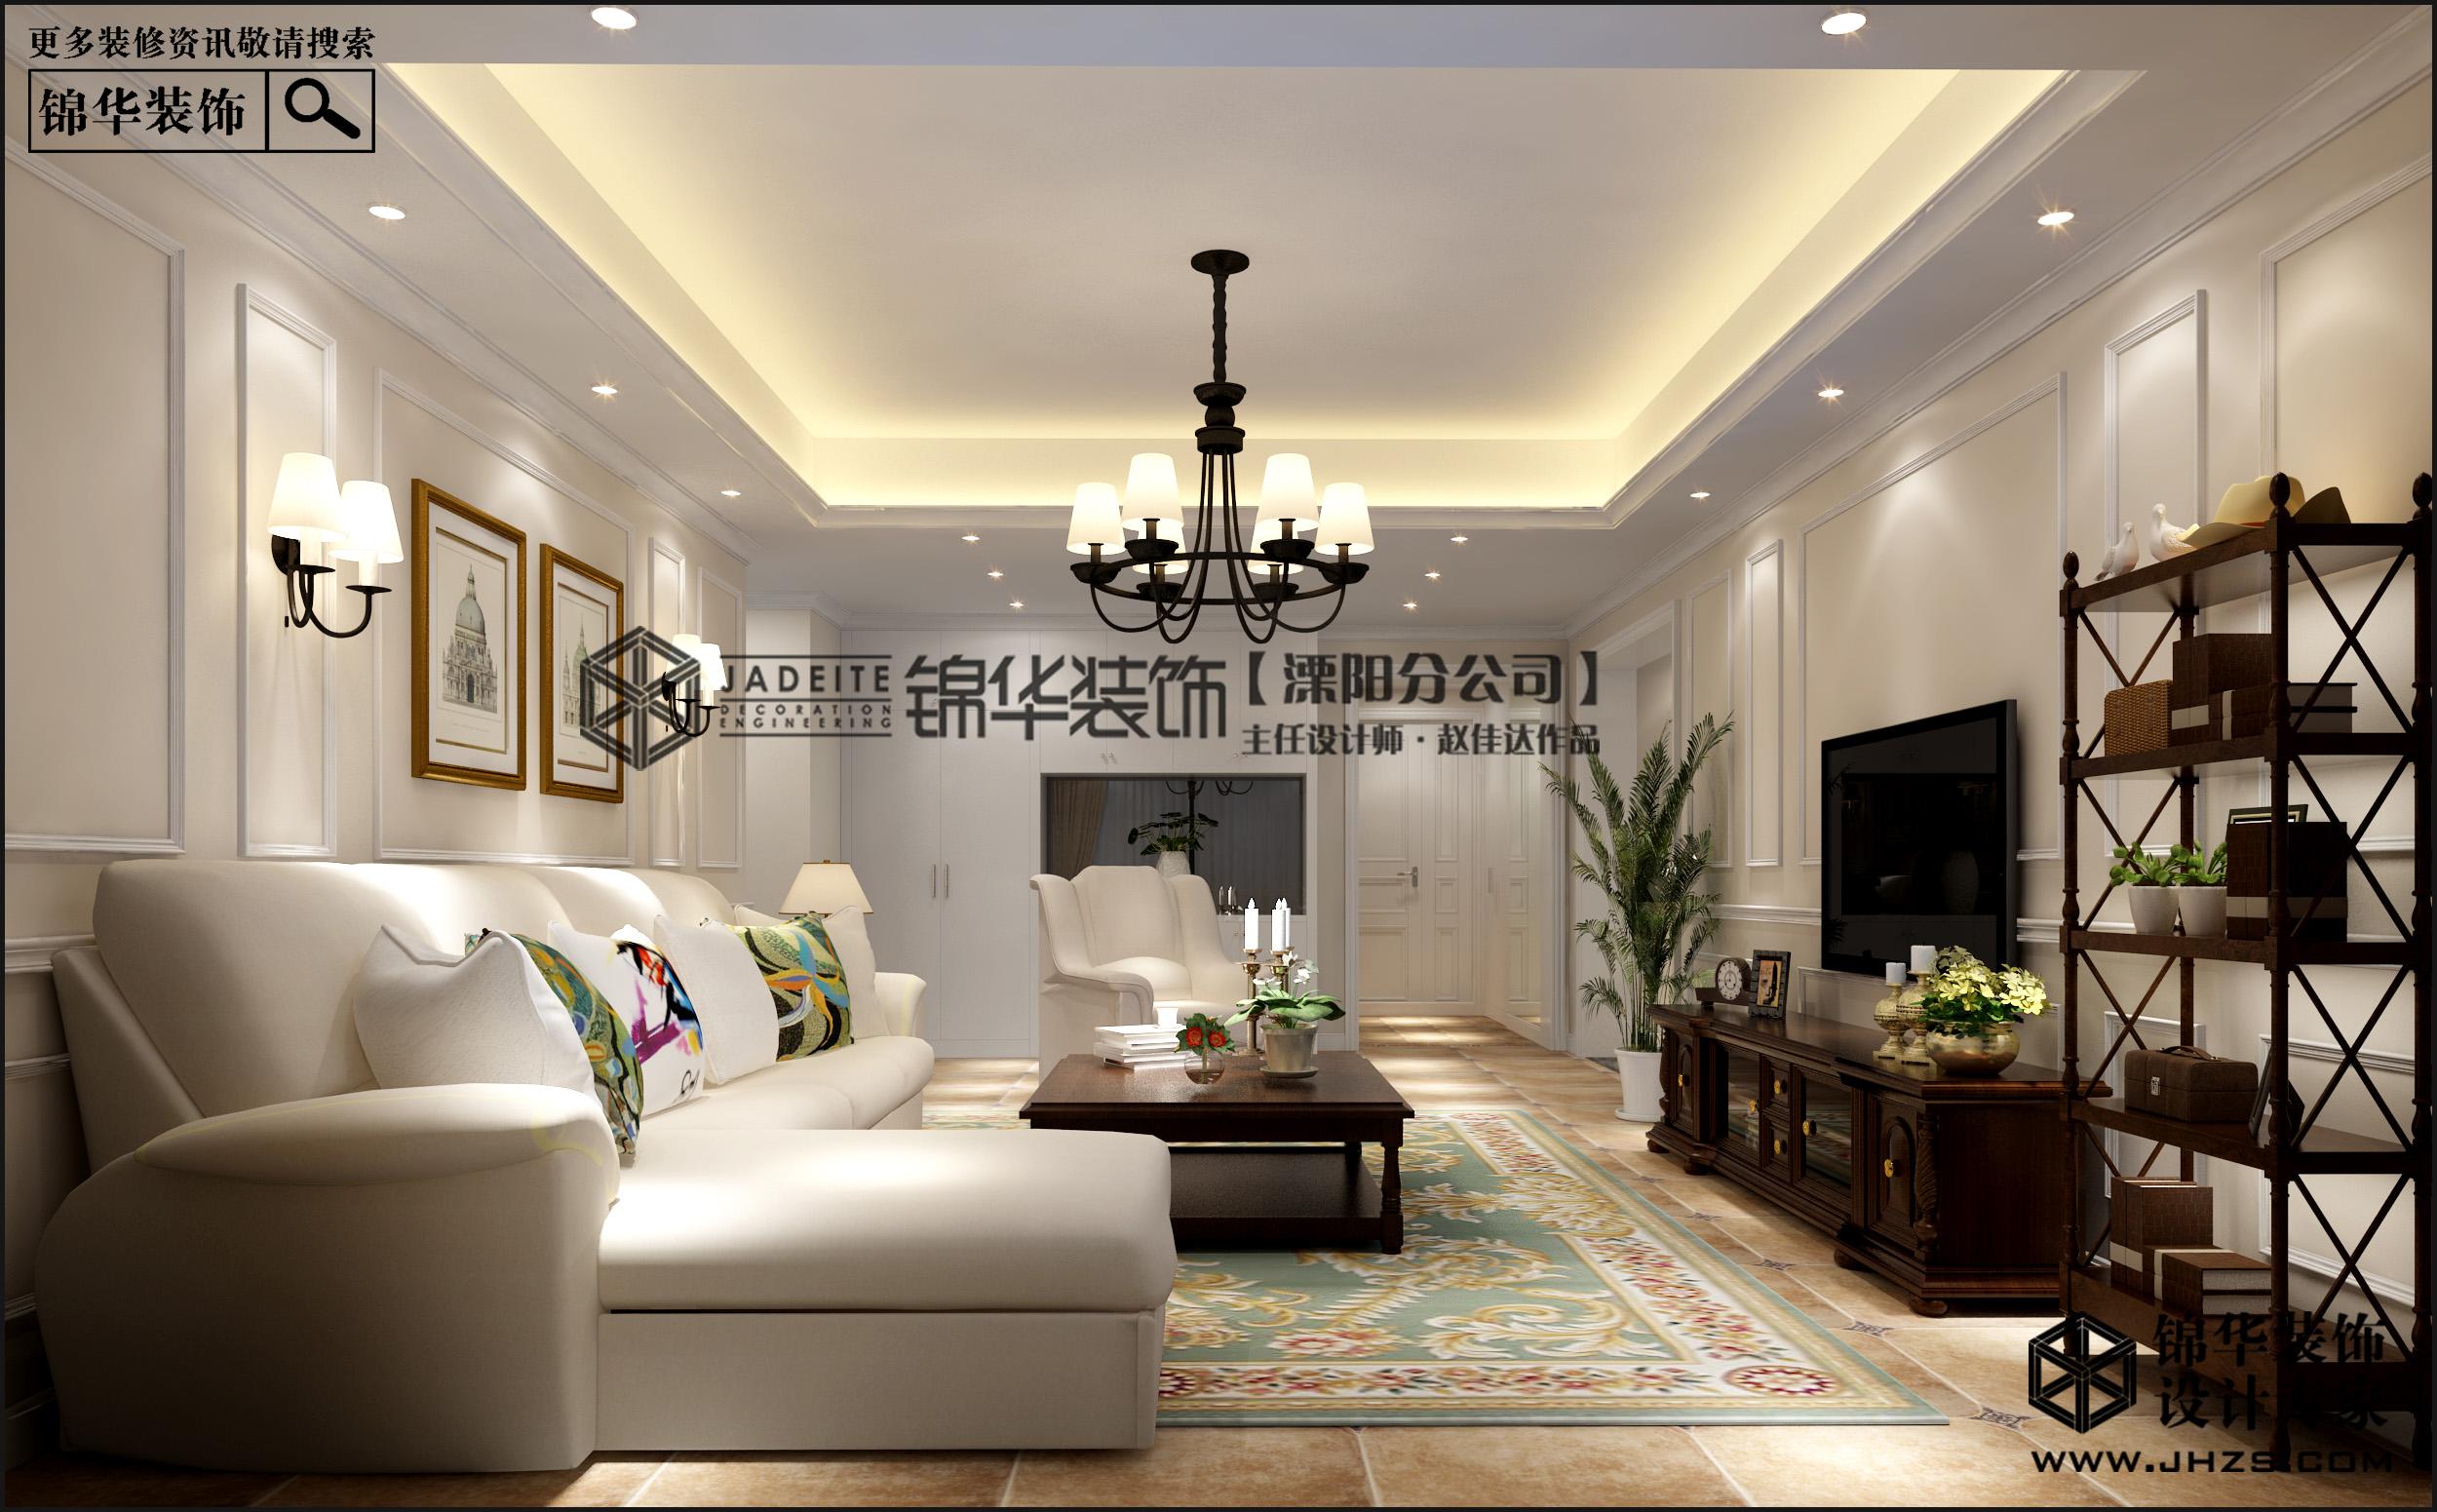 溧陽君悅豪庭142平美式鄉村風格裝修效果圖